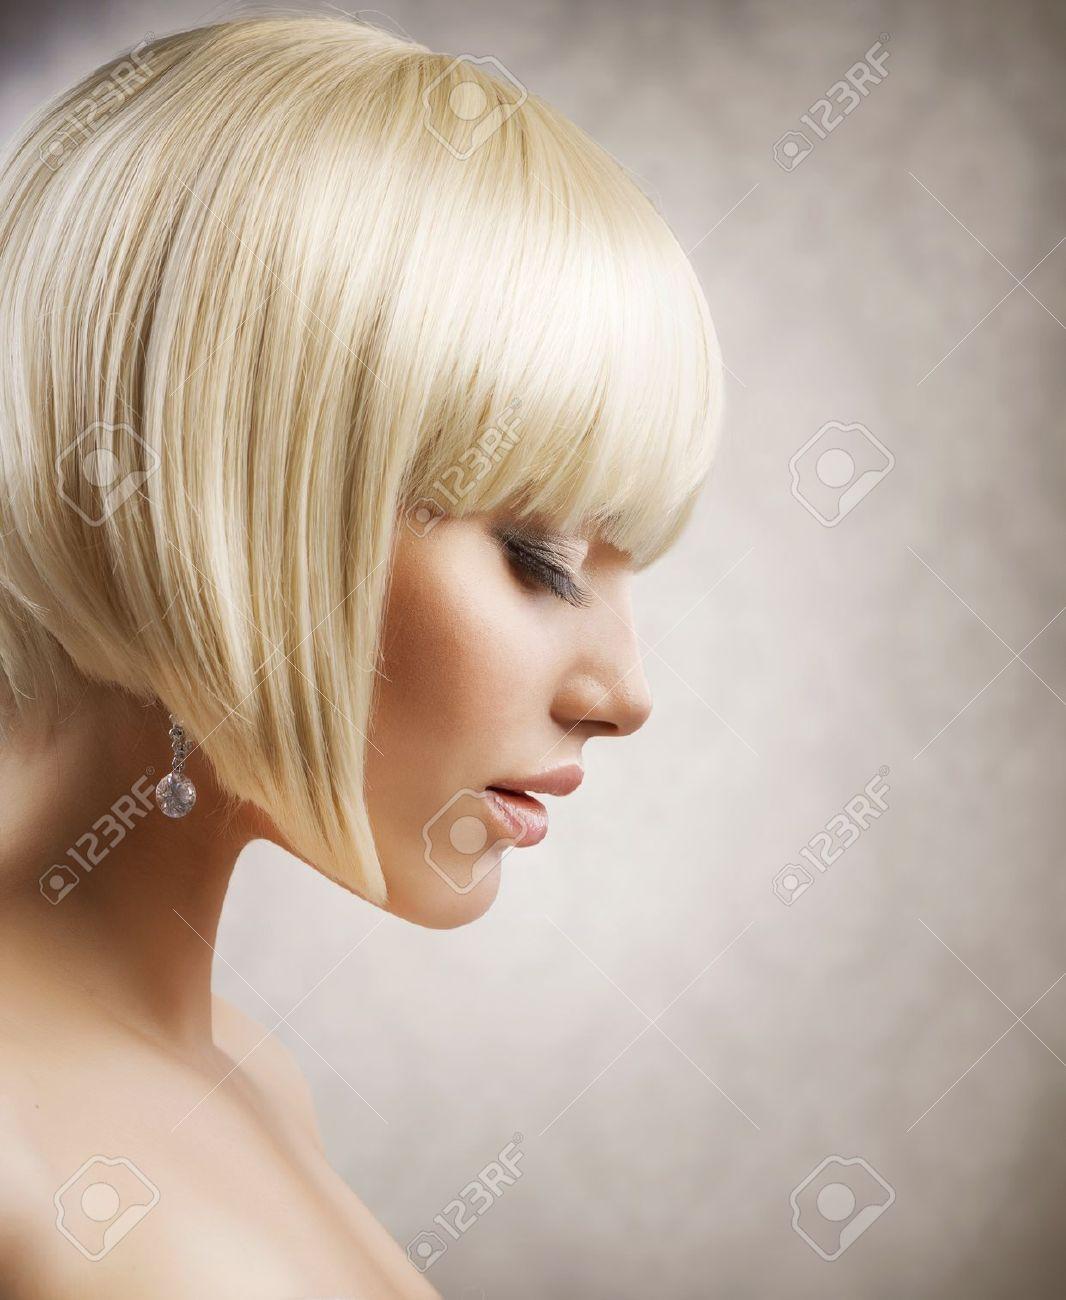 corte de pelo muchacha hermosa con el peinado corto saludable pelo rubio foto de archivo